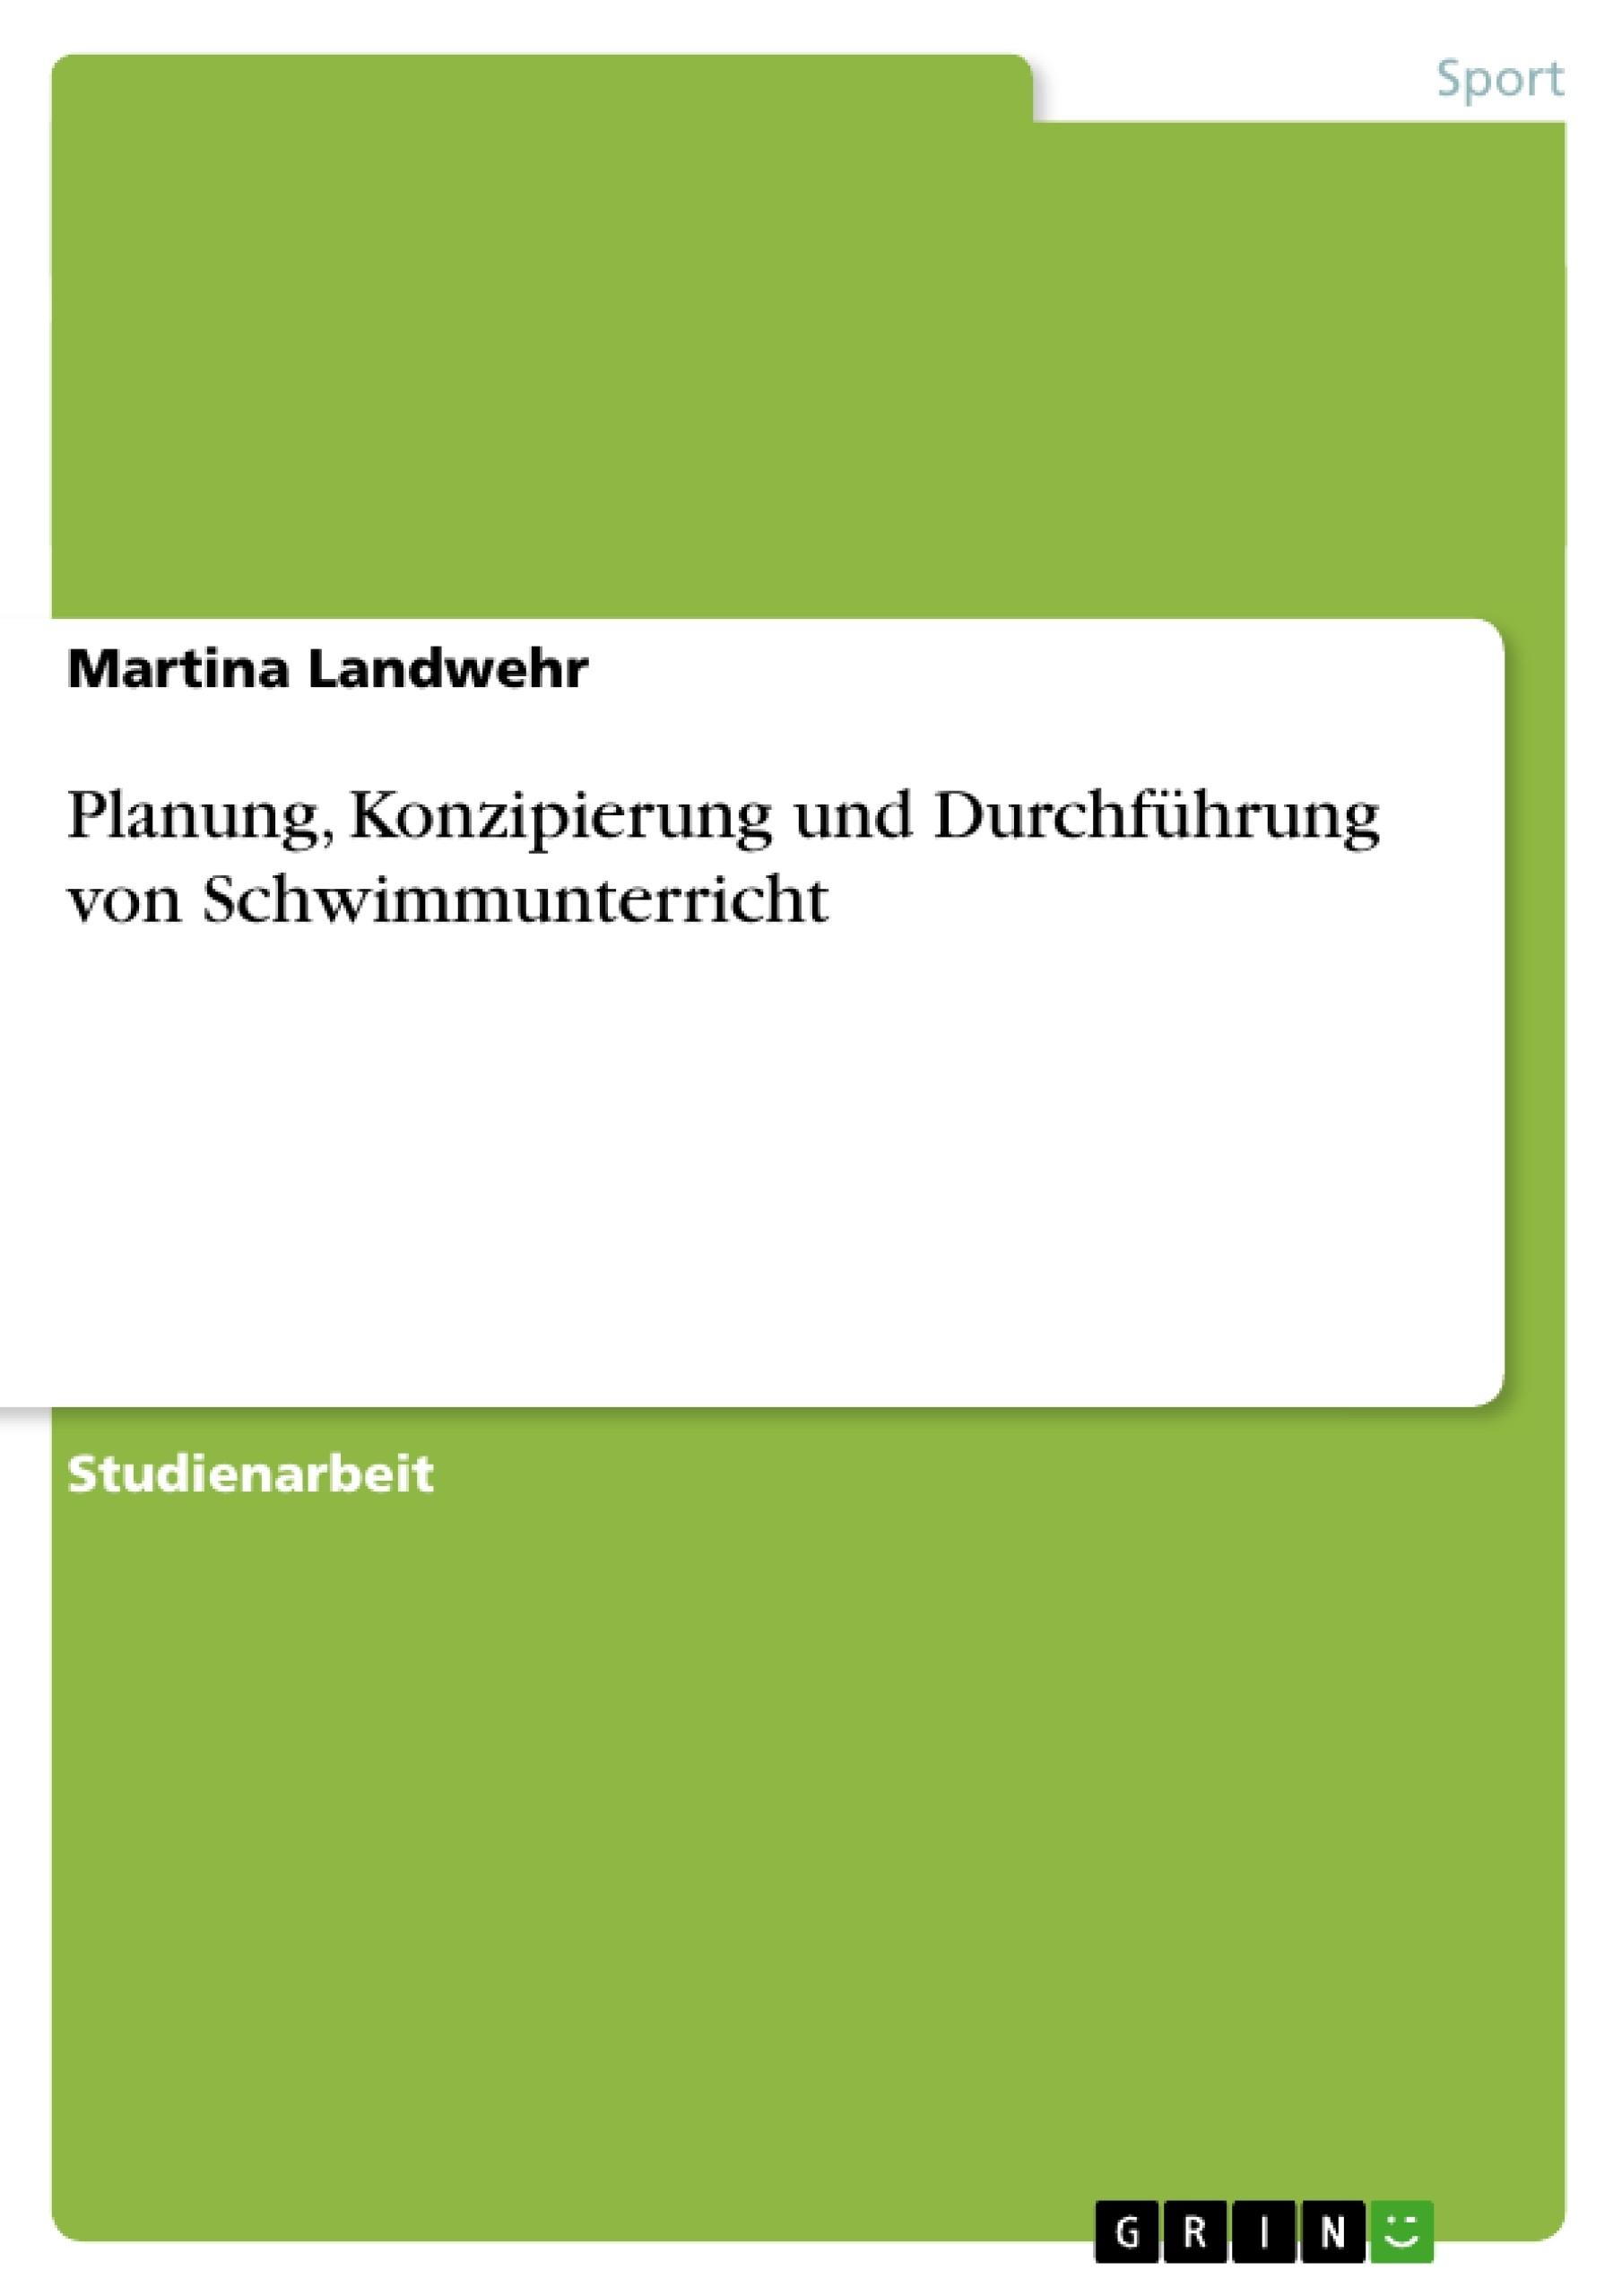 Titel: Planung, Konzipierung und Durchführung  von Schwimmunterricht